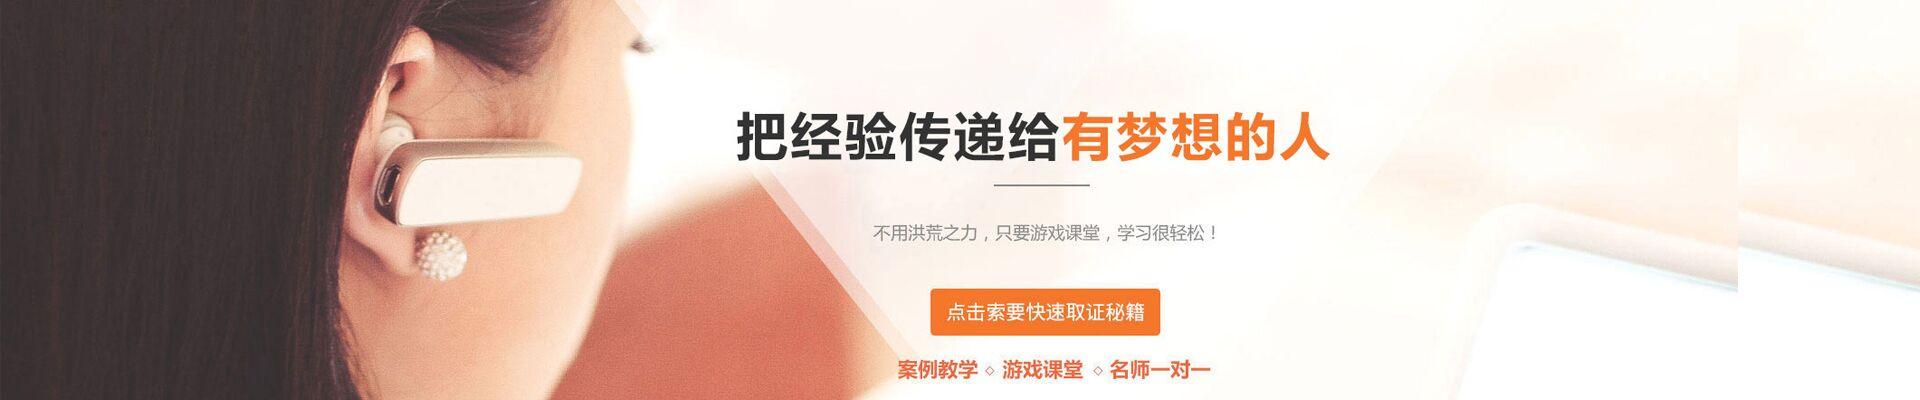 桂林恒企会计实操培训学校